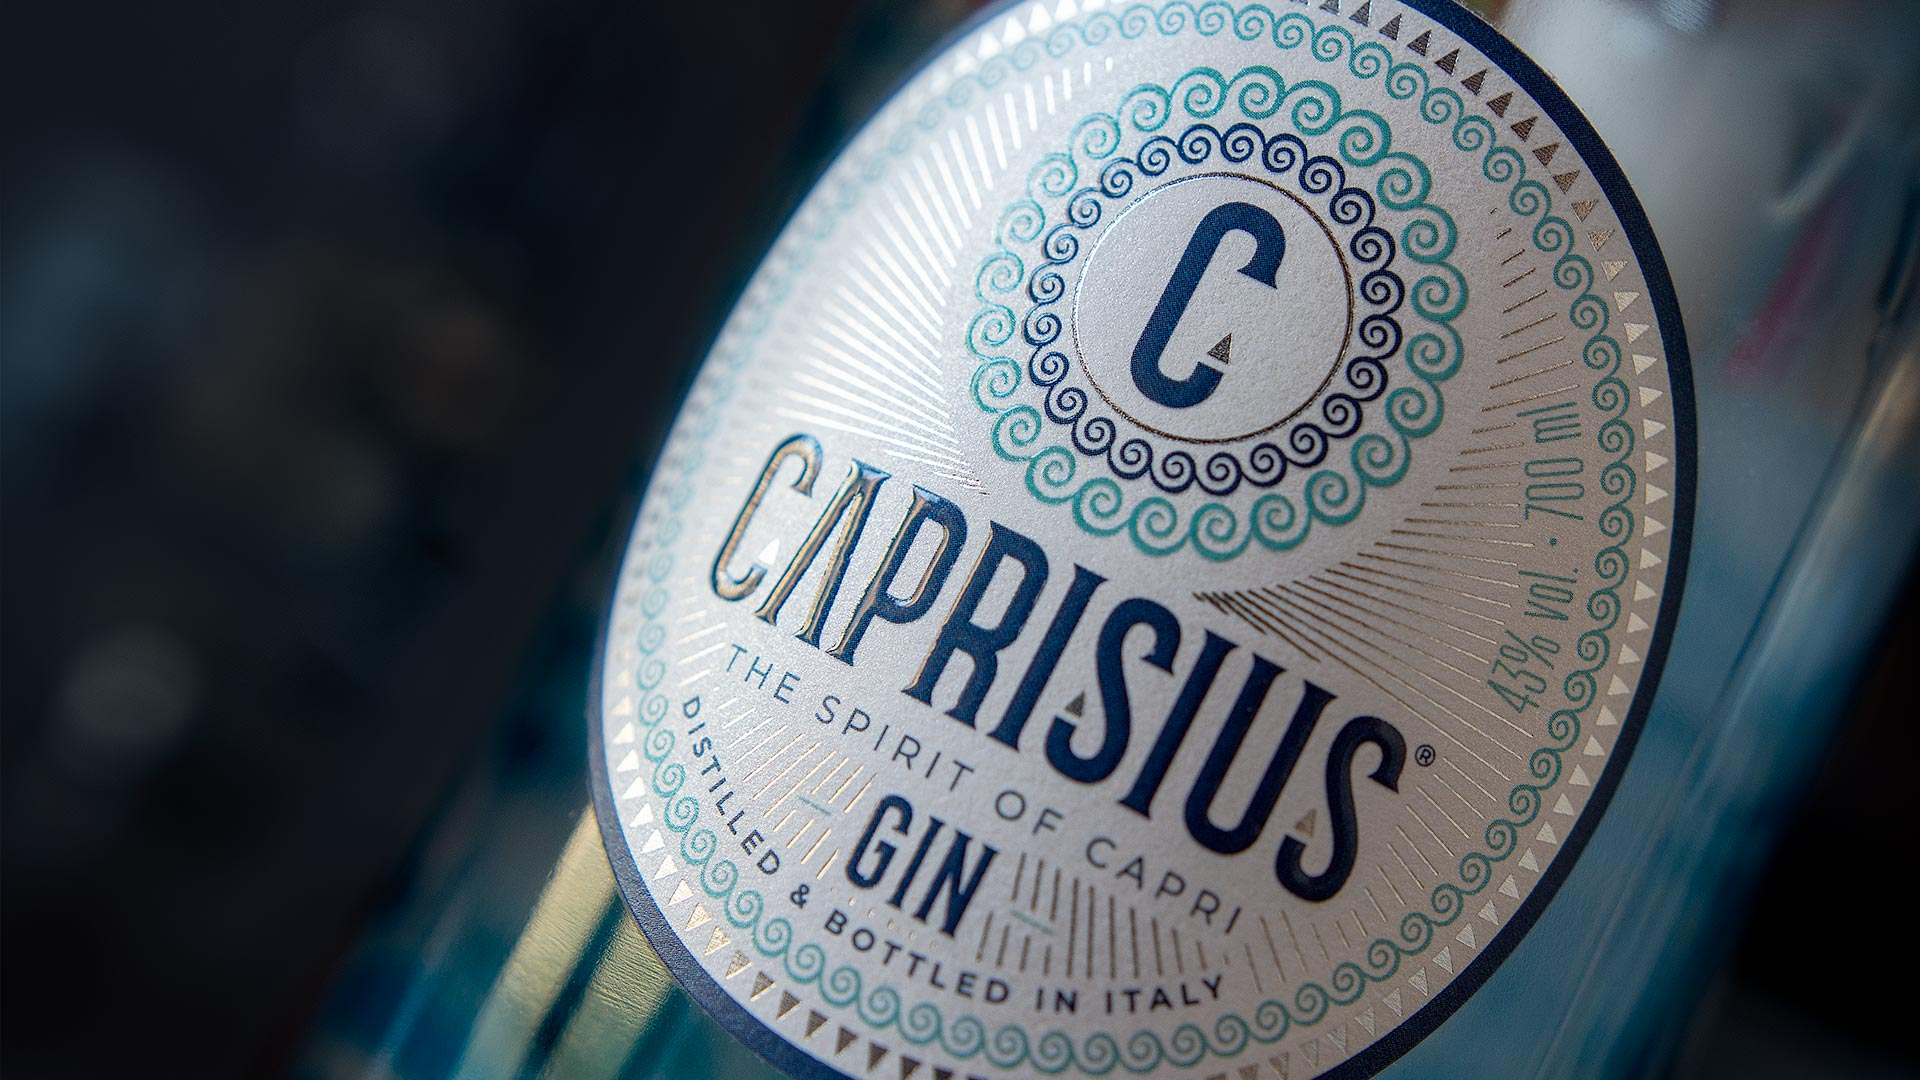 CaprisiusGin label macro 1920 - Branding & Label Design Caprisius Gin